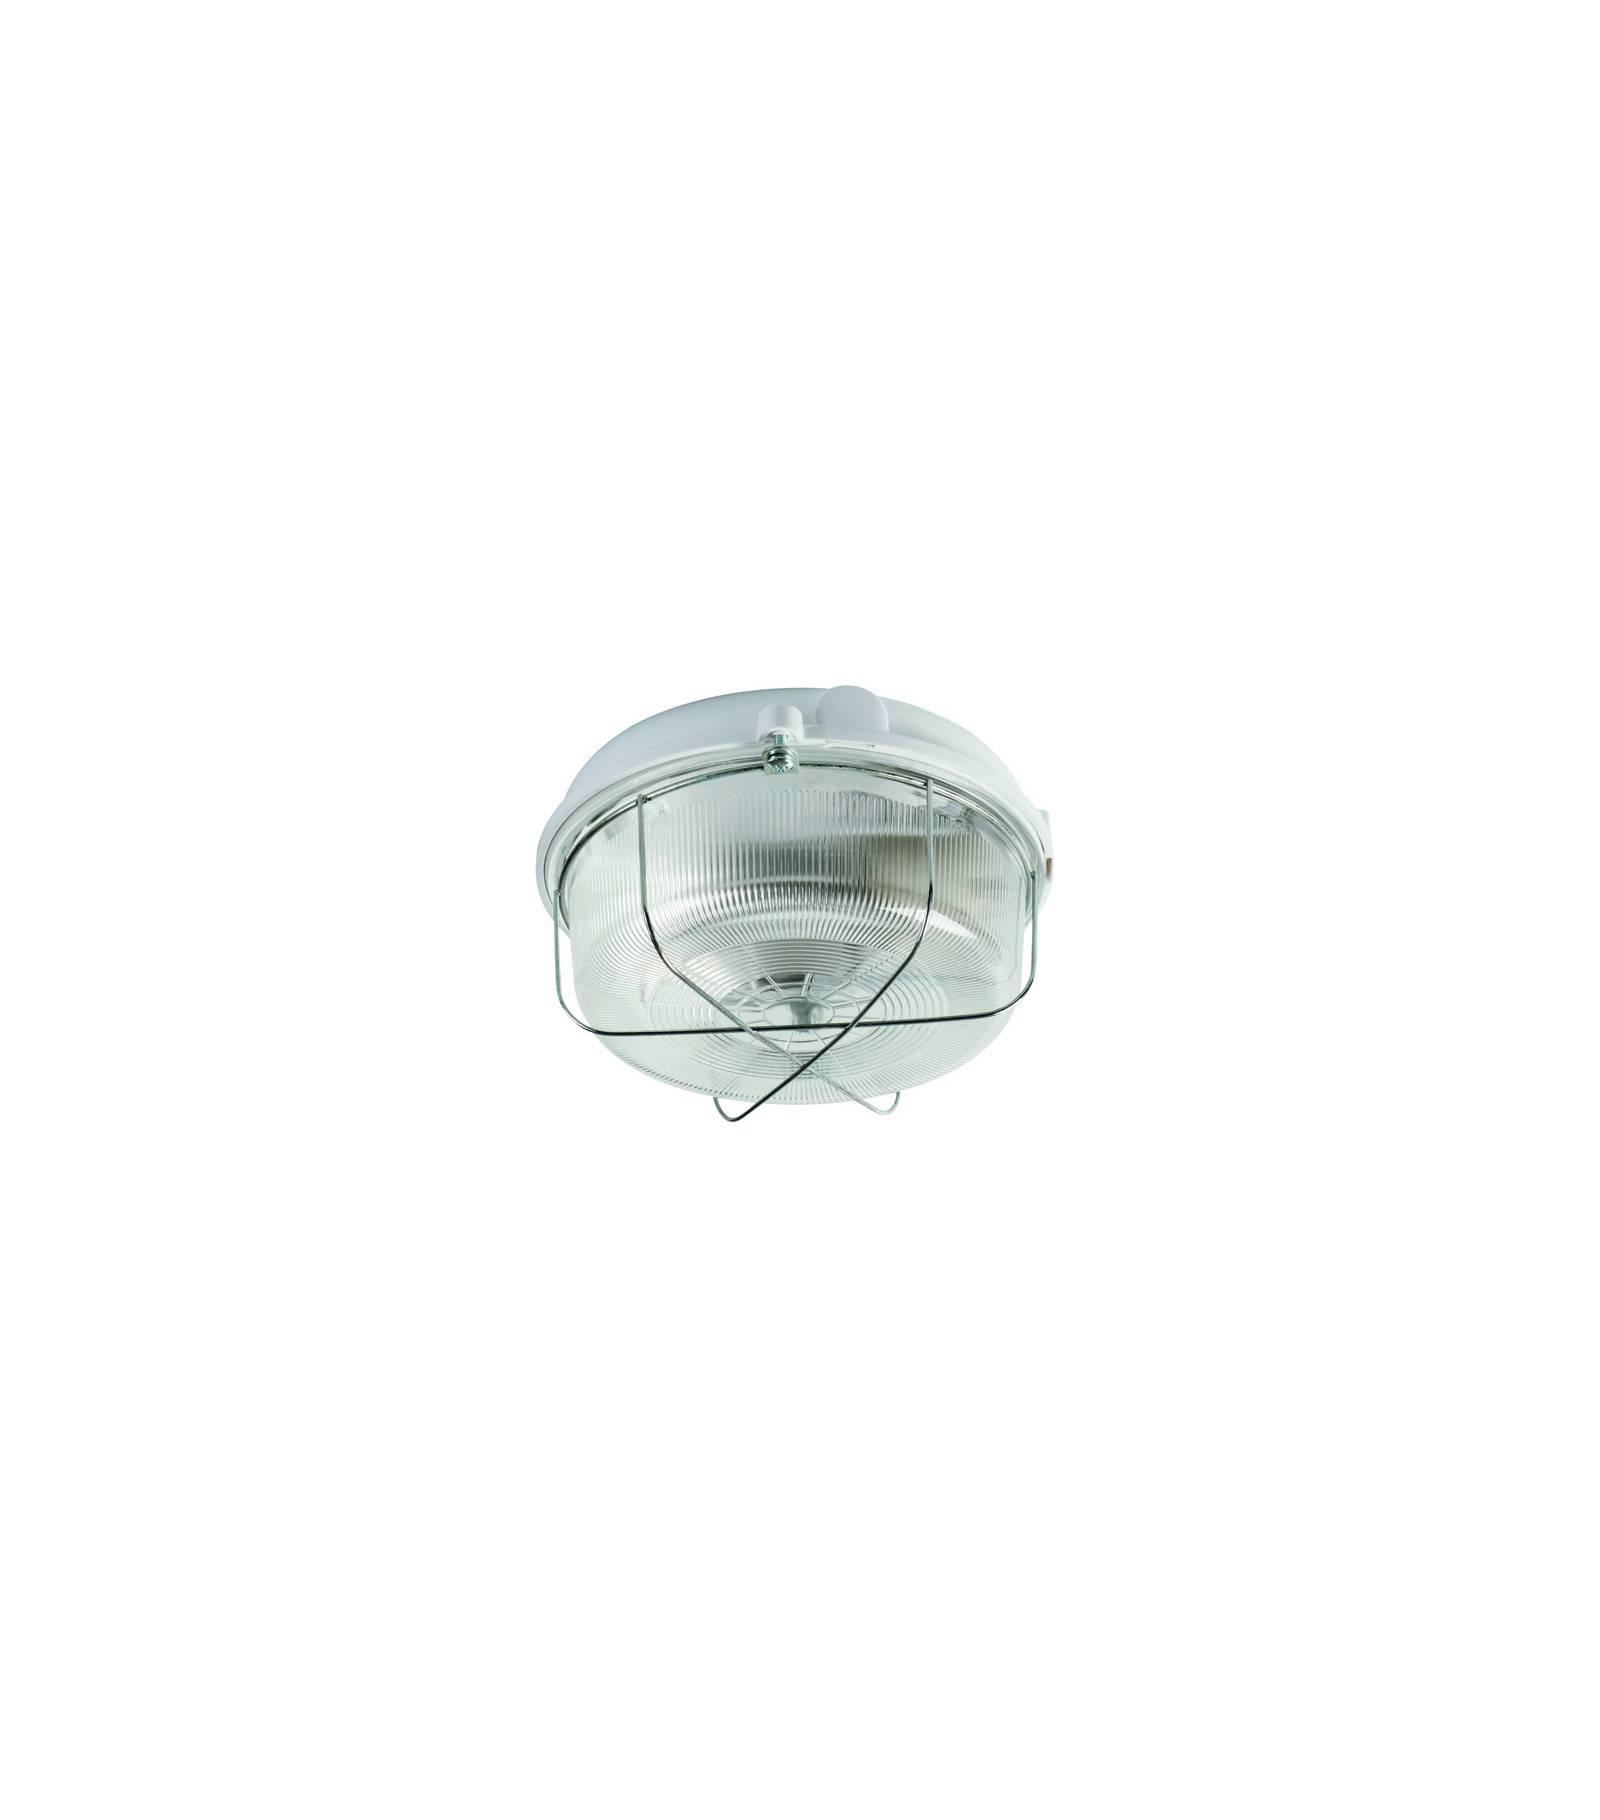 Kanlux Plafonnier hermétique en verre avec Globe en verre KANLUX - 70525